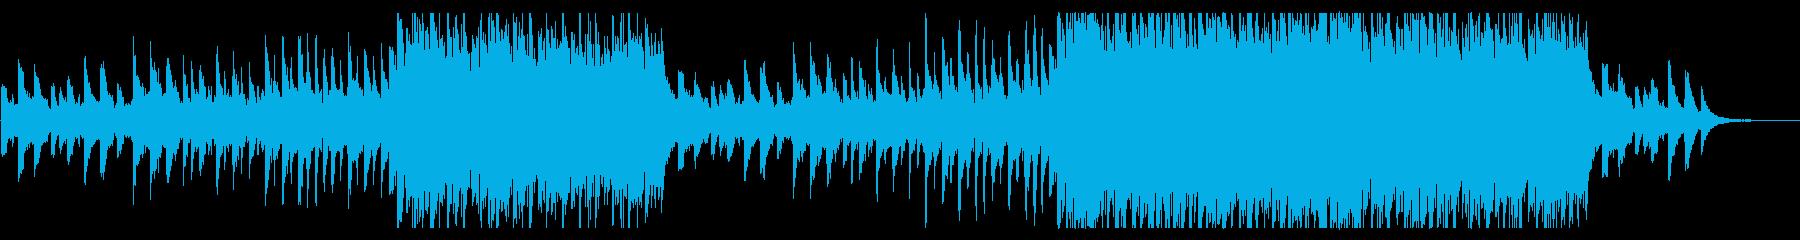 感動的に盛り上がるピアノとストリングスの再生済みの波形